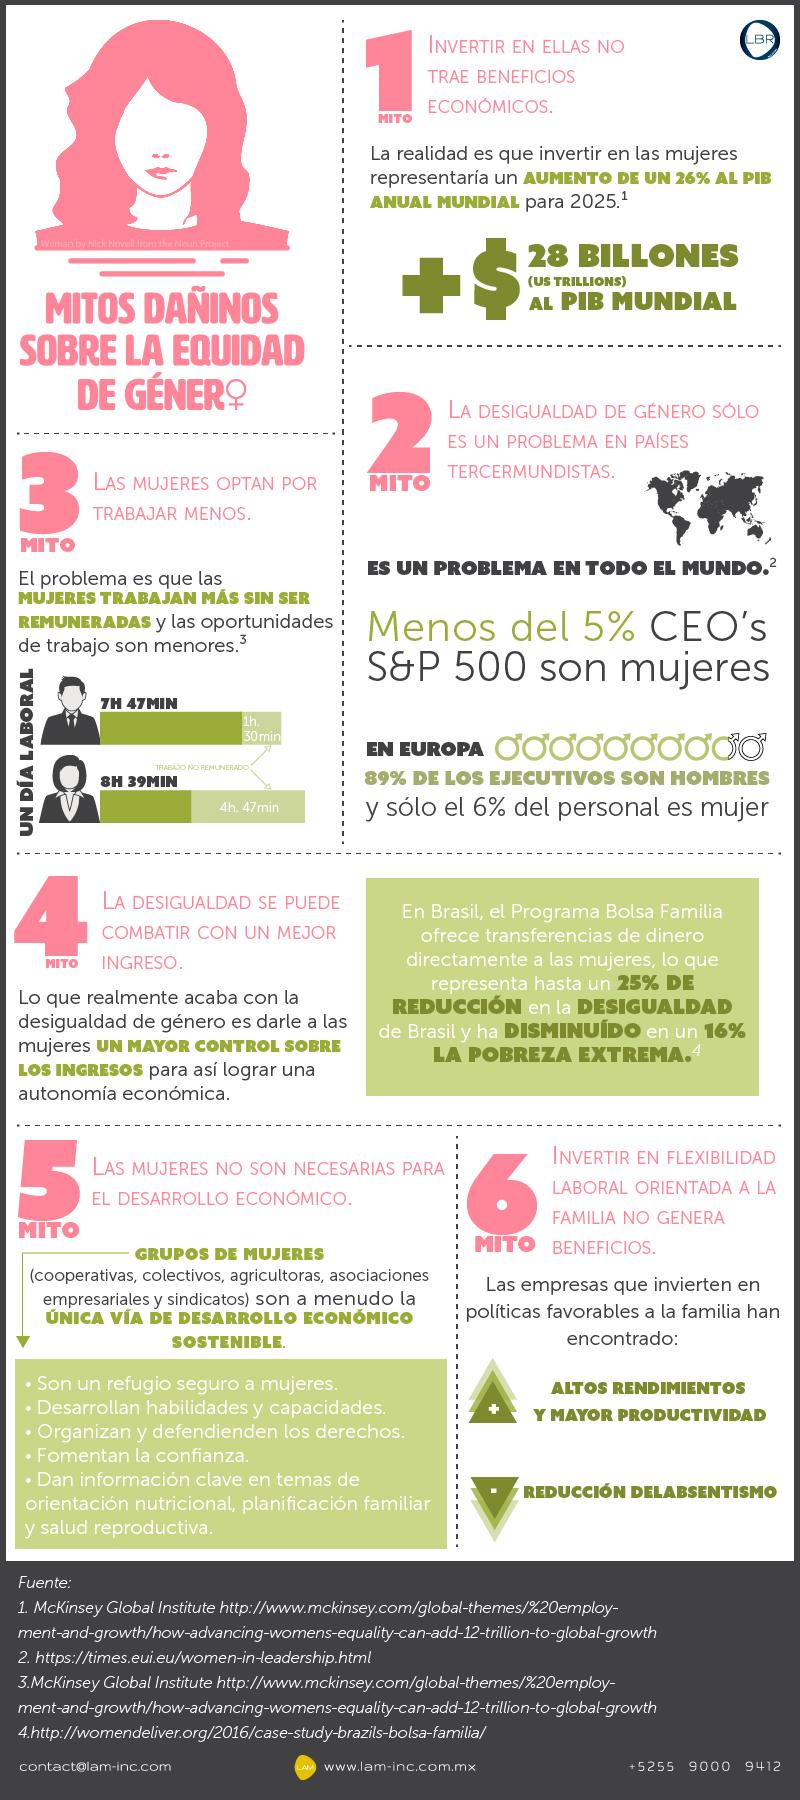 Mitos sobre la equidad de género